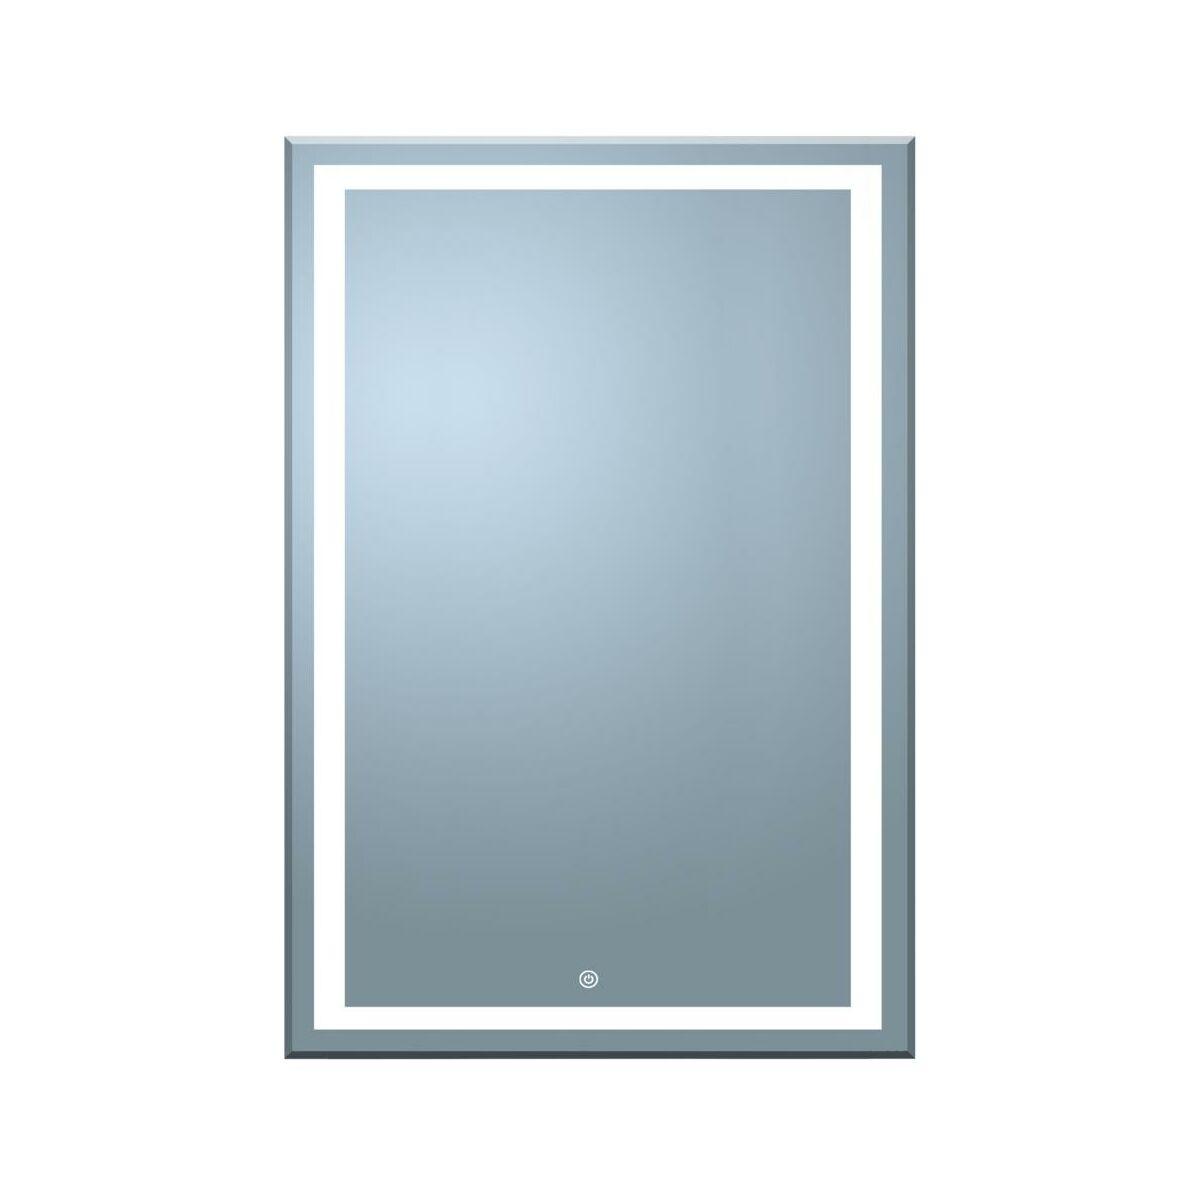 Lustro łazienkowe Z Oświetleniem Wbudowanym Altue 60 X 80 Venti